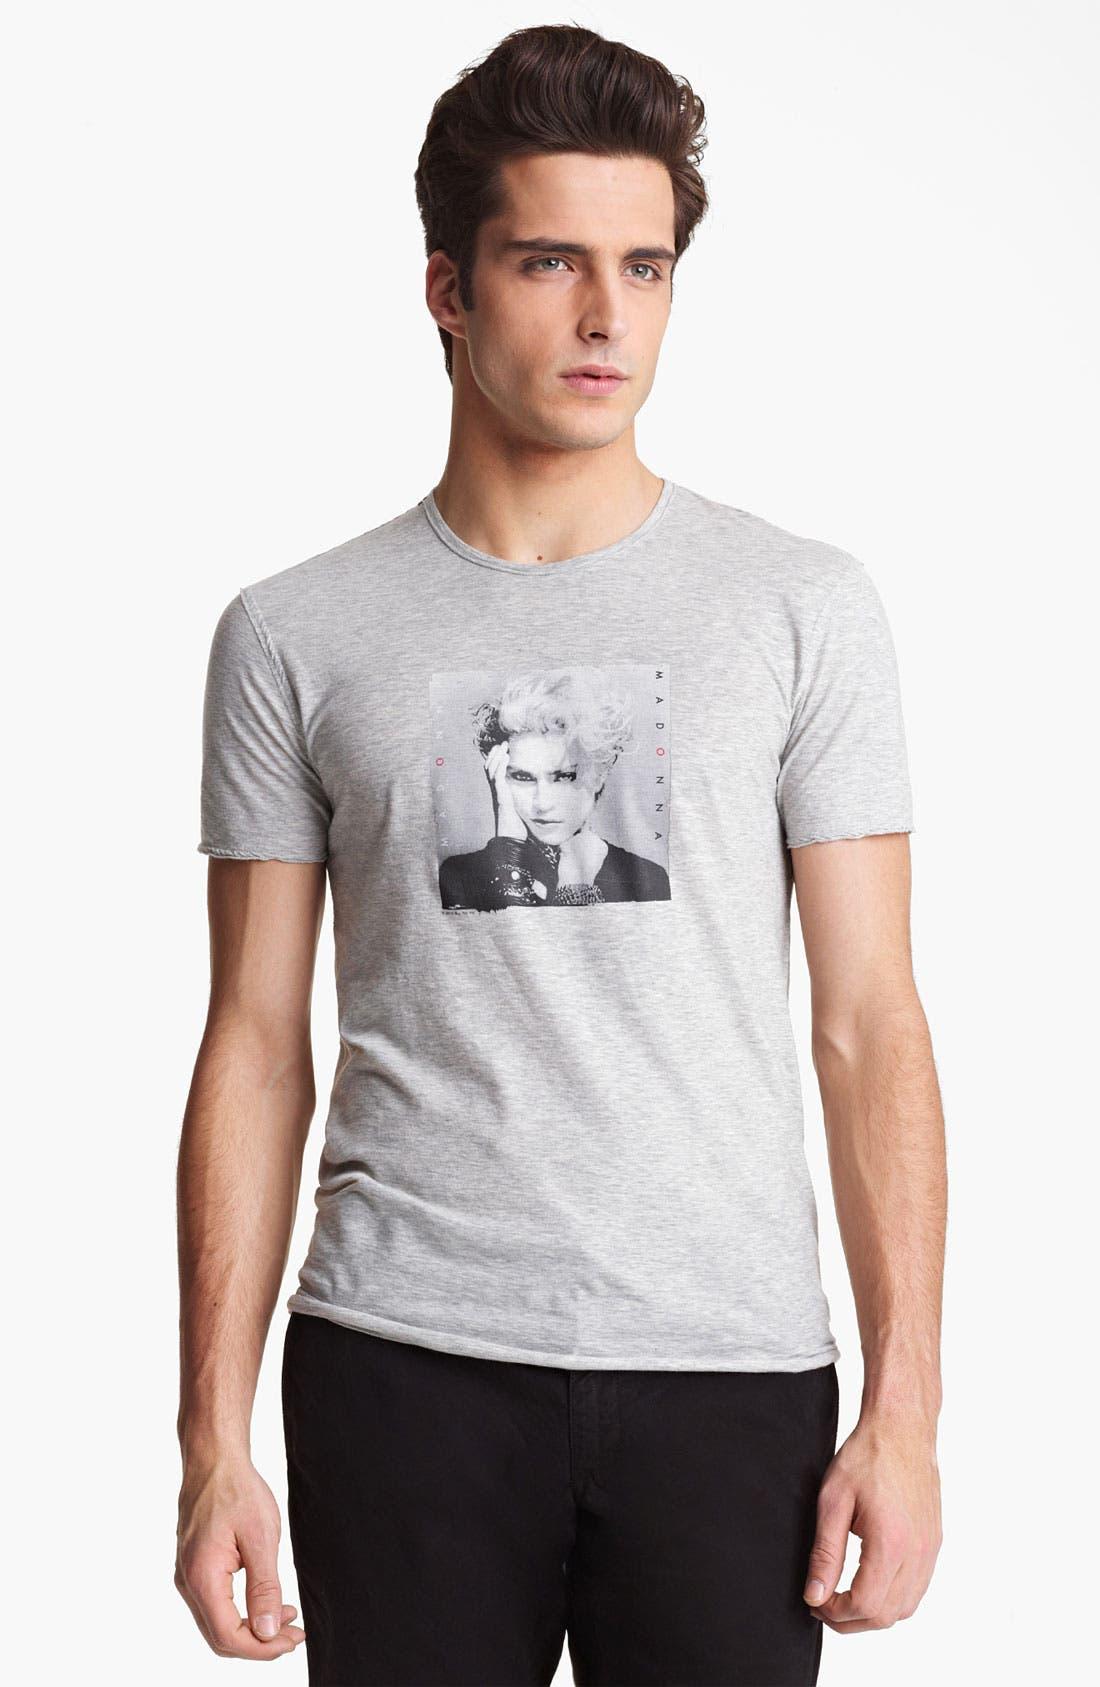 Main Image - Dolce&Gabbana 'Madonna' Graphic T-Shirt